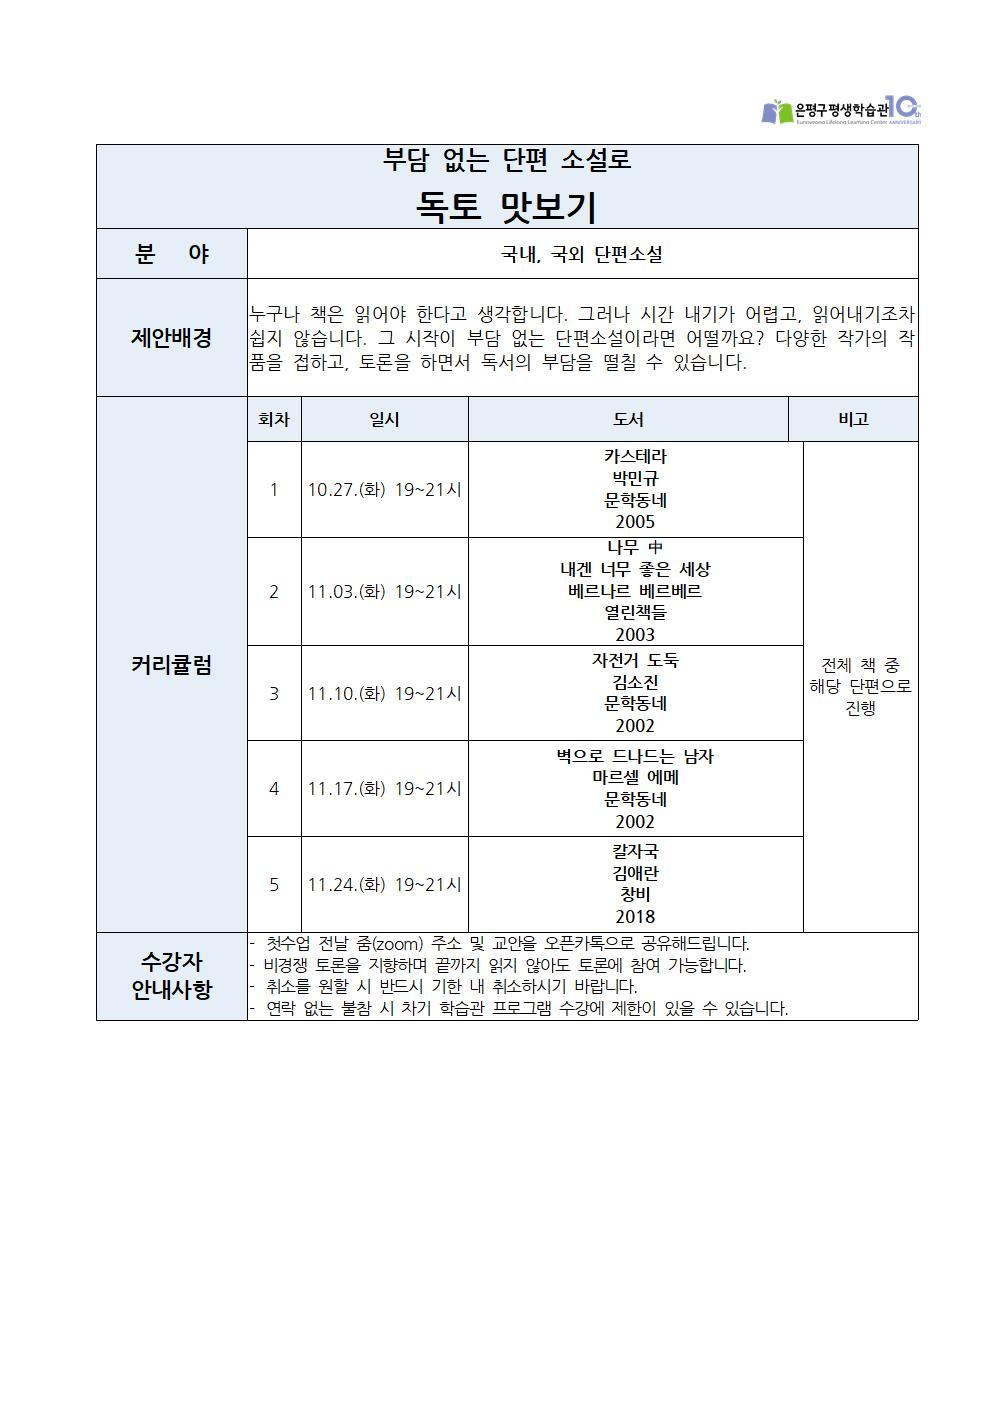 3. 은평북살롱 기획단 책모임 기획안_정소영_최종(9001.jpg